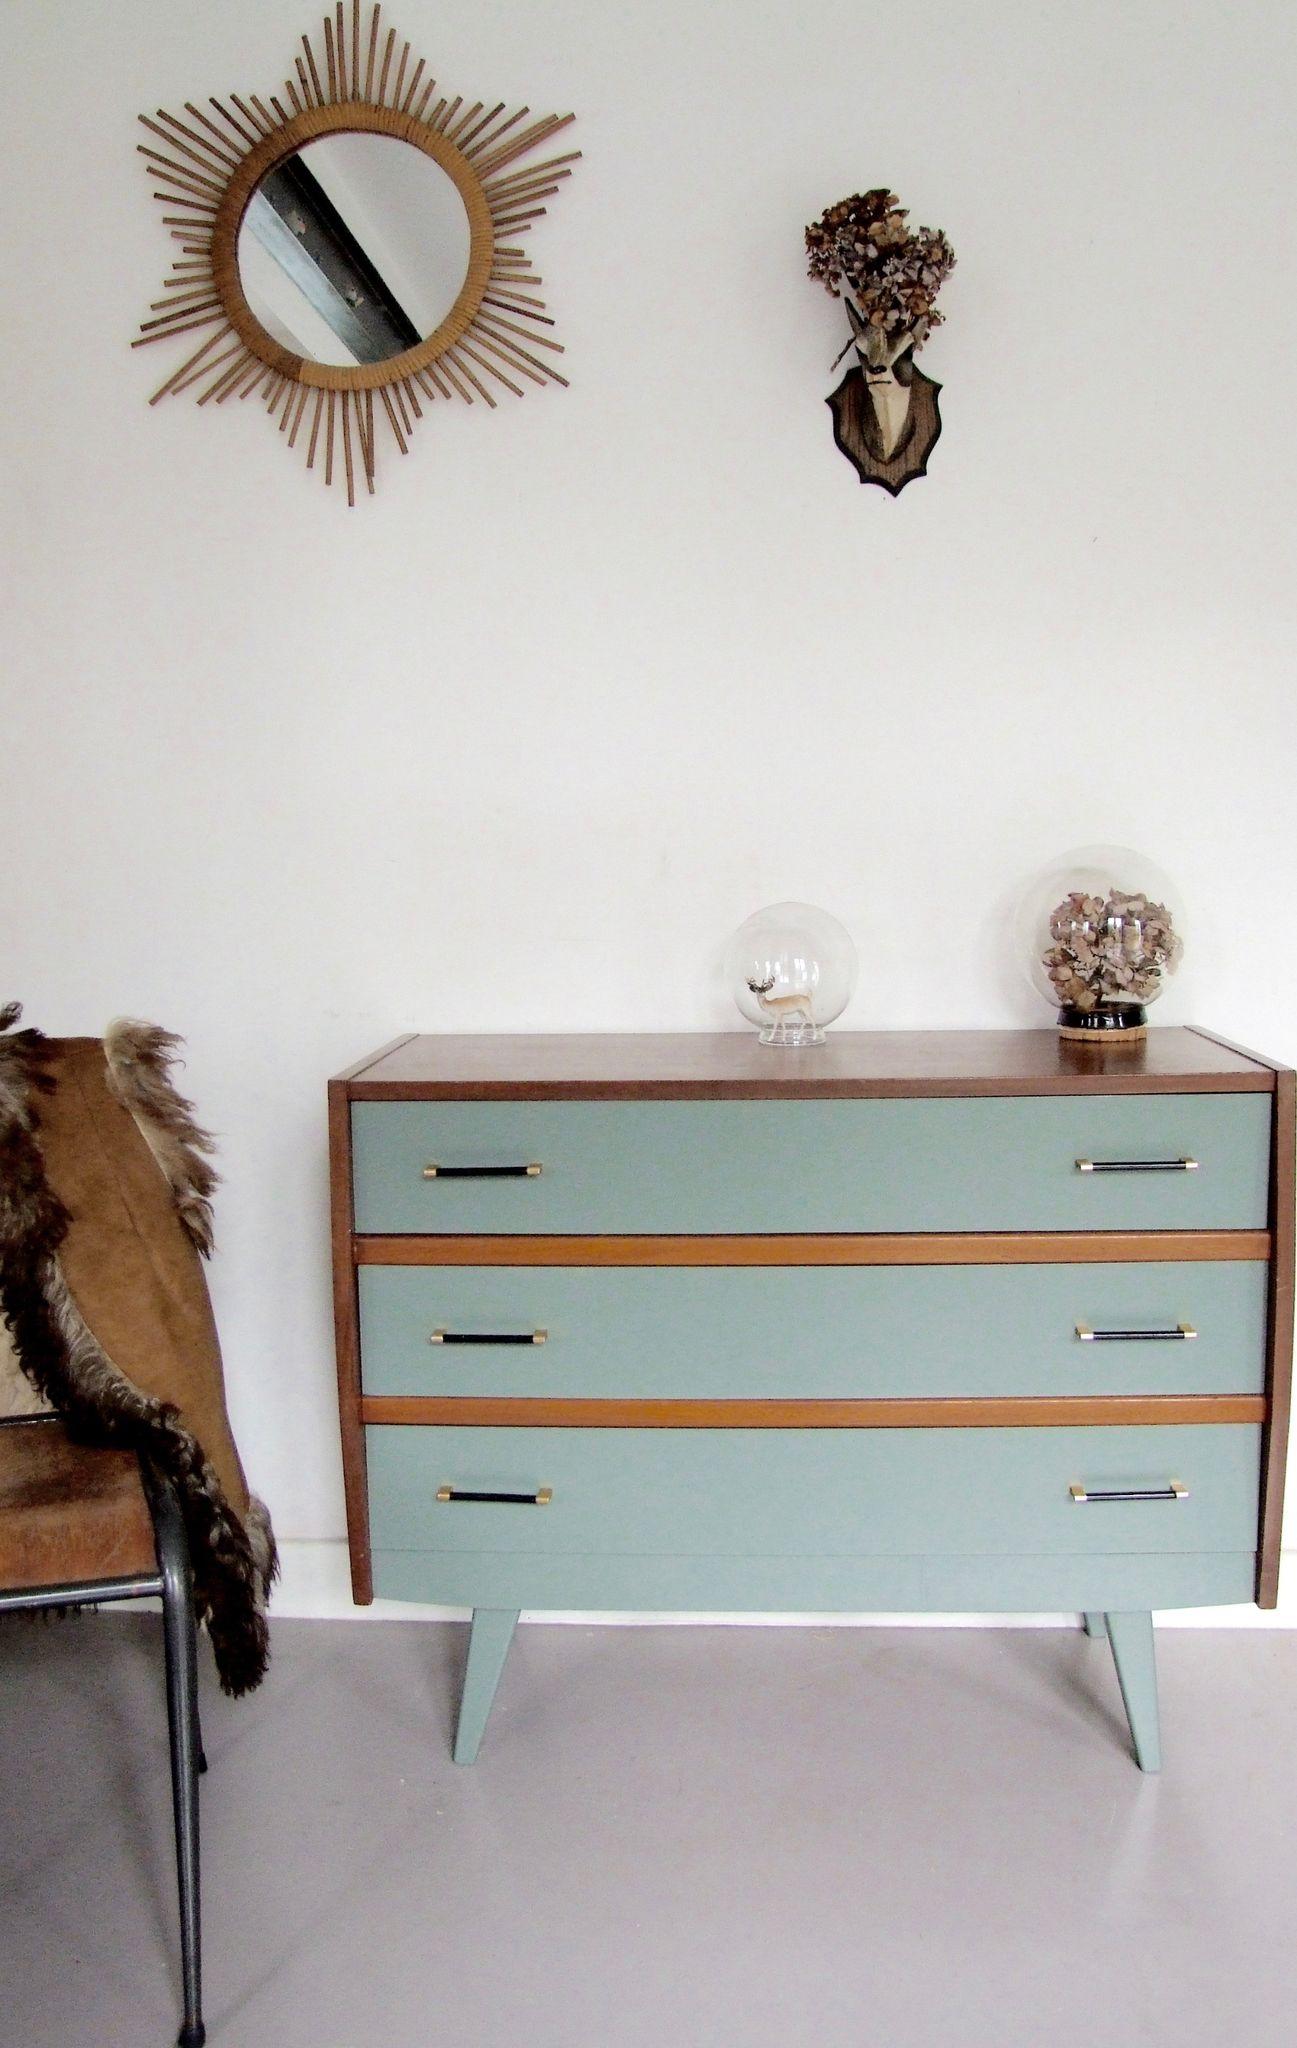 commode vintage pieds compas lullaby meubles vintage pataluna chin s d nich s et d lur s. Black Bedroom Furniture Sets. Home Design Ideas